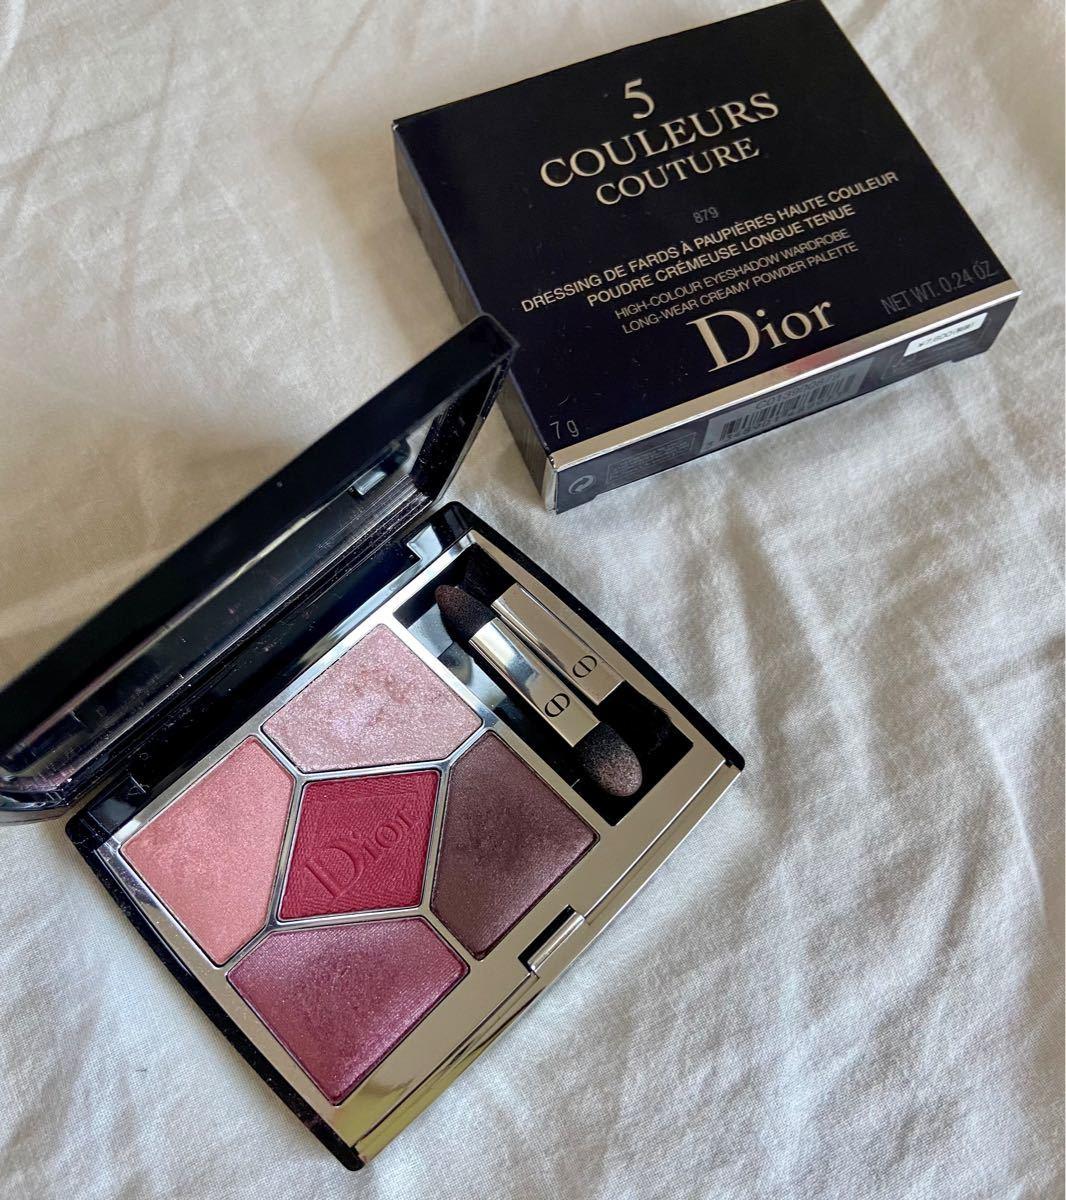 Dior美品サンク クルール クチュール 879 ルージュ トラファルガー アイシャドウ